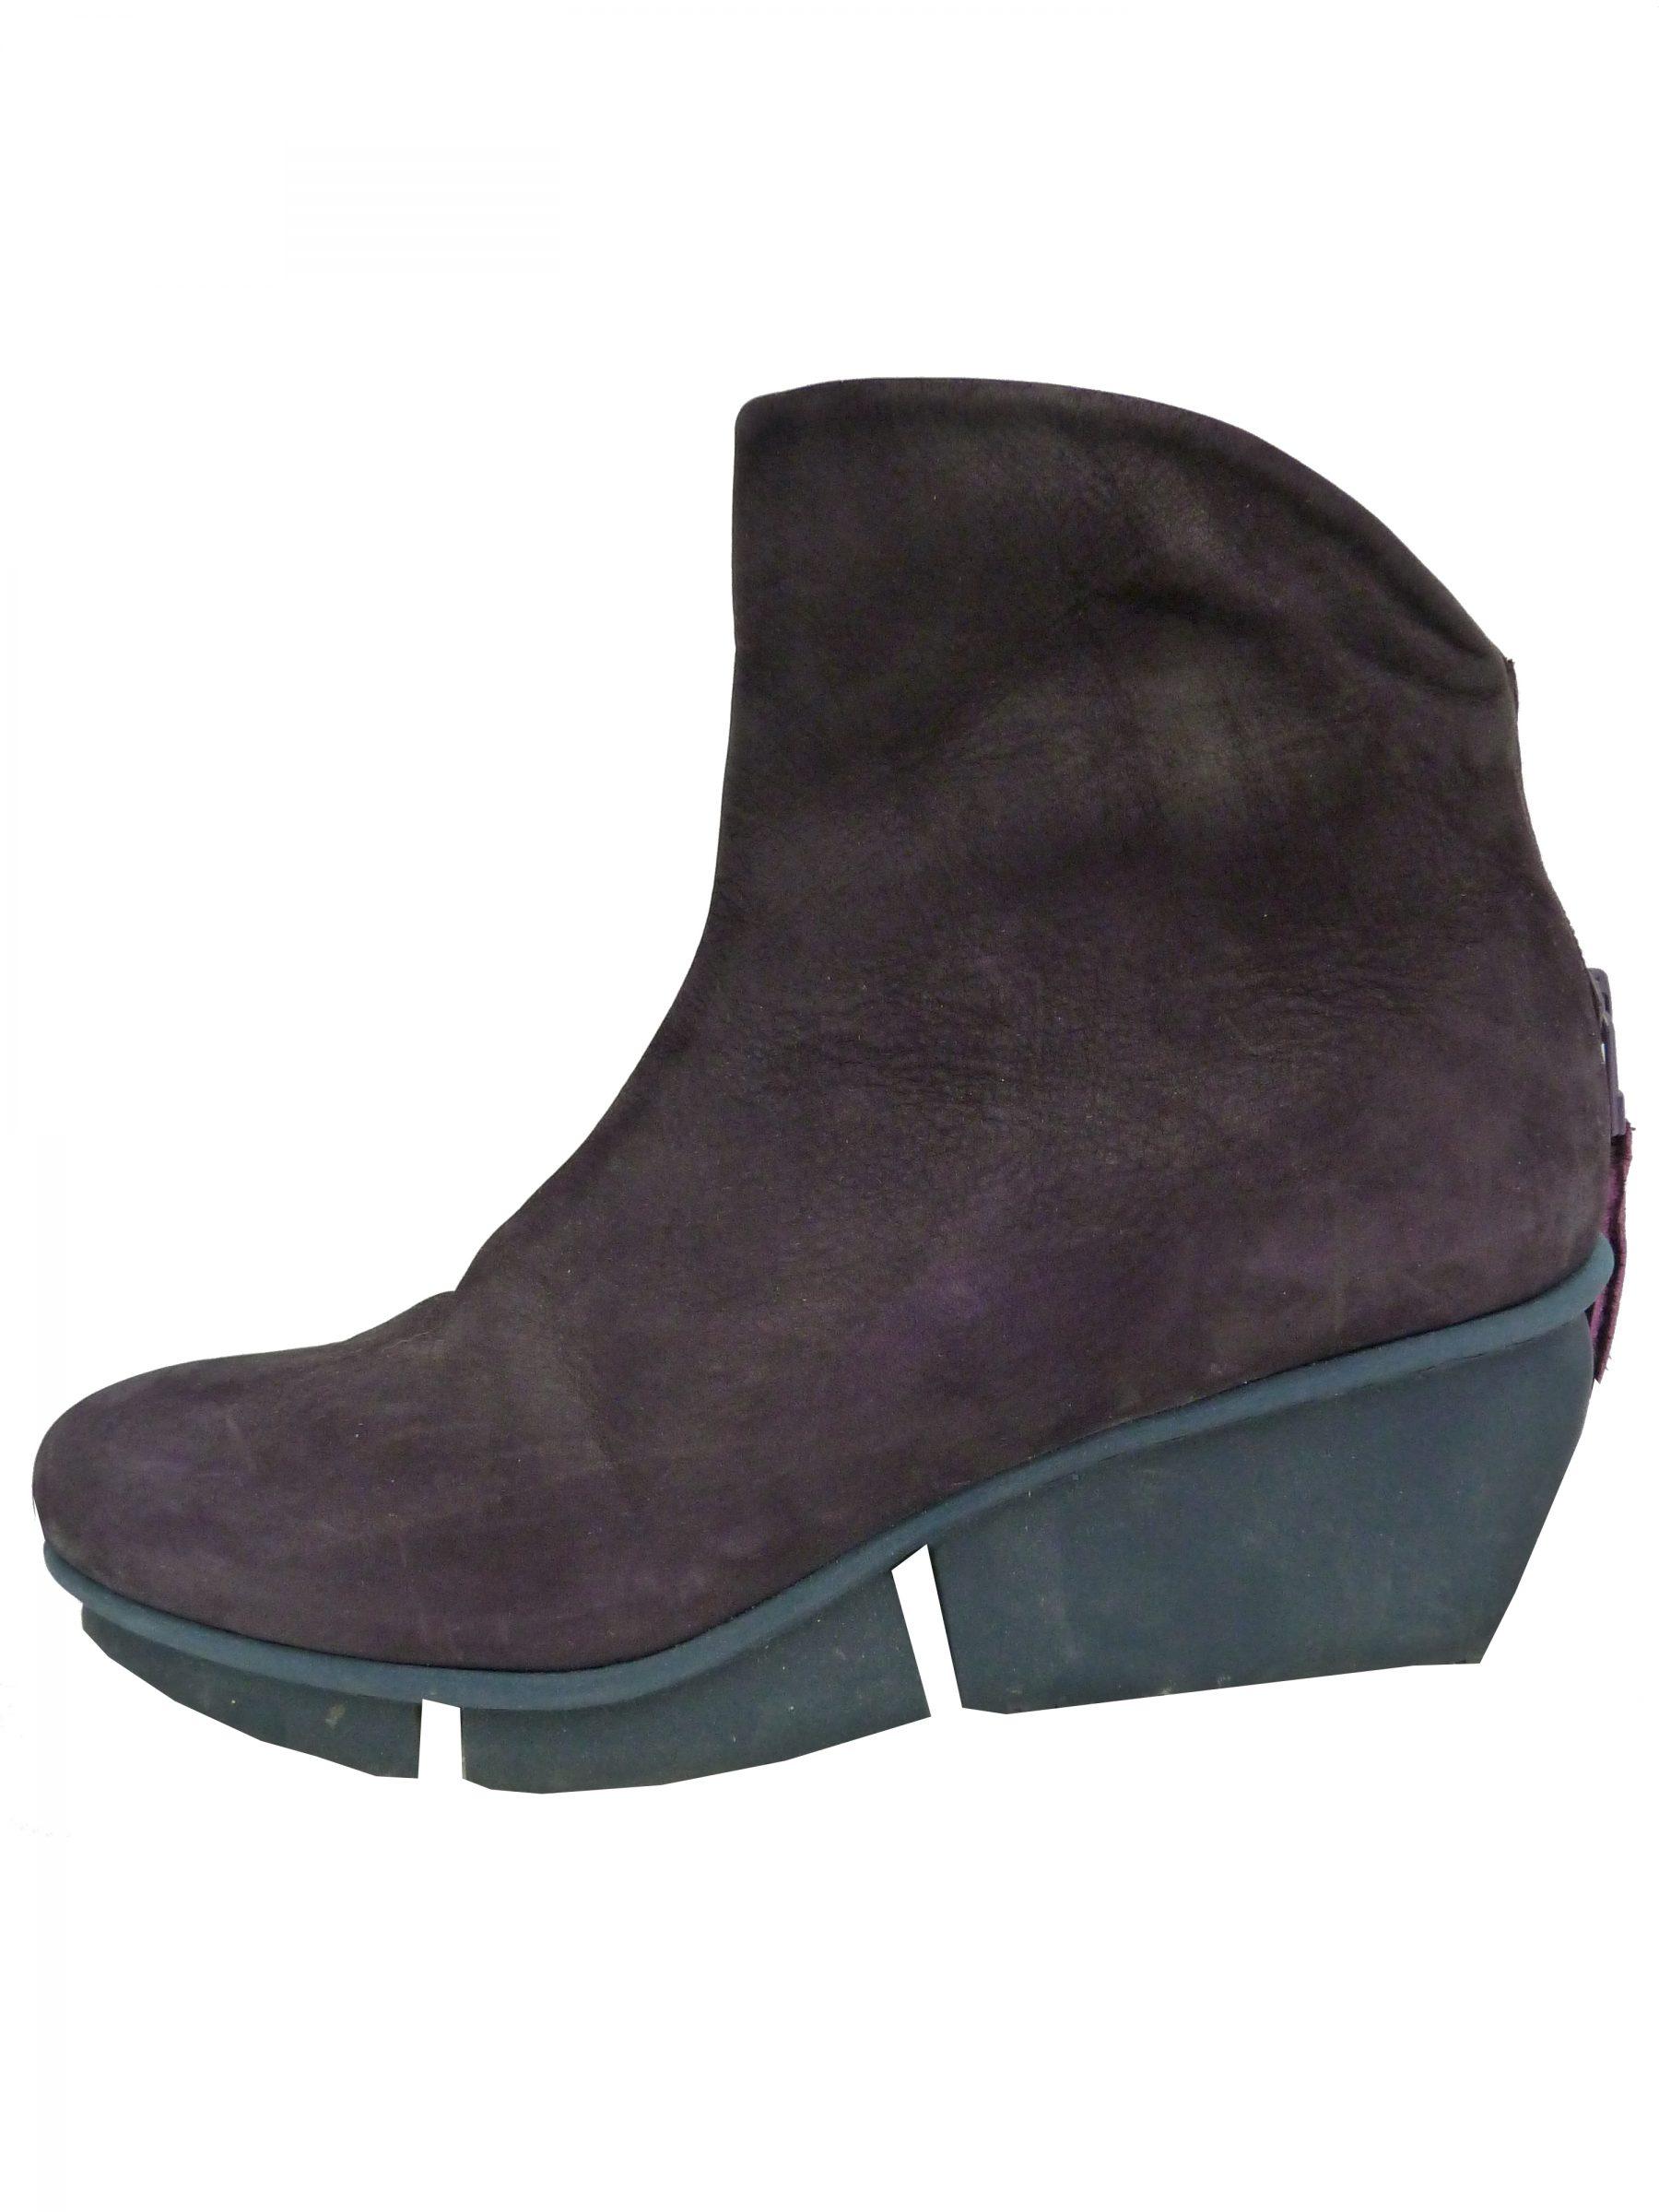 Trippen Schoenen kopen | BESLIST.be | Lage prijs